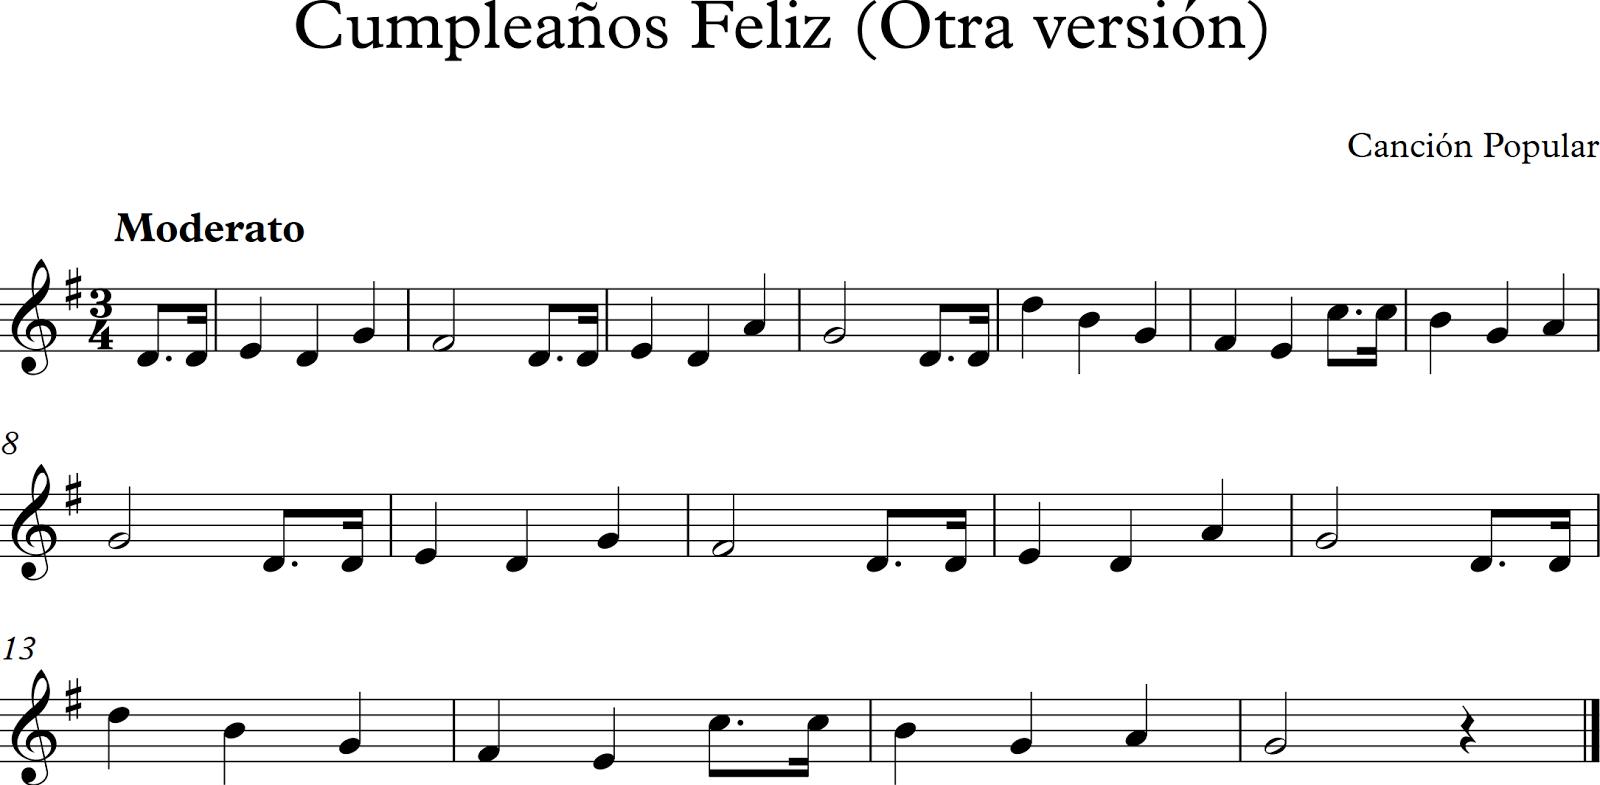 Descubriendo la m sica partituras para flauta dulce o de pico cumplea os feliz otra versi n - Cumpleanos feliz piano ...